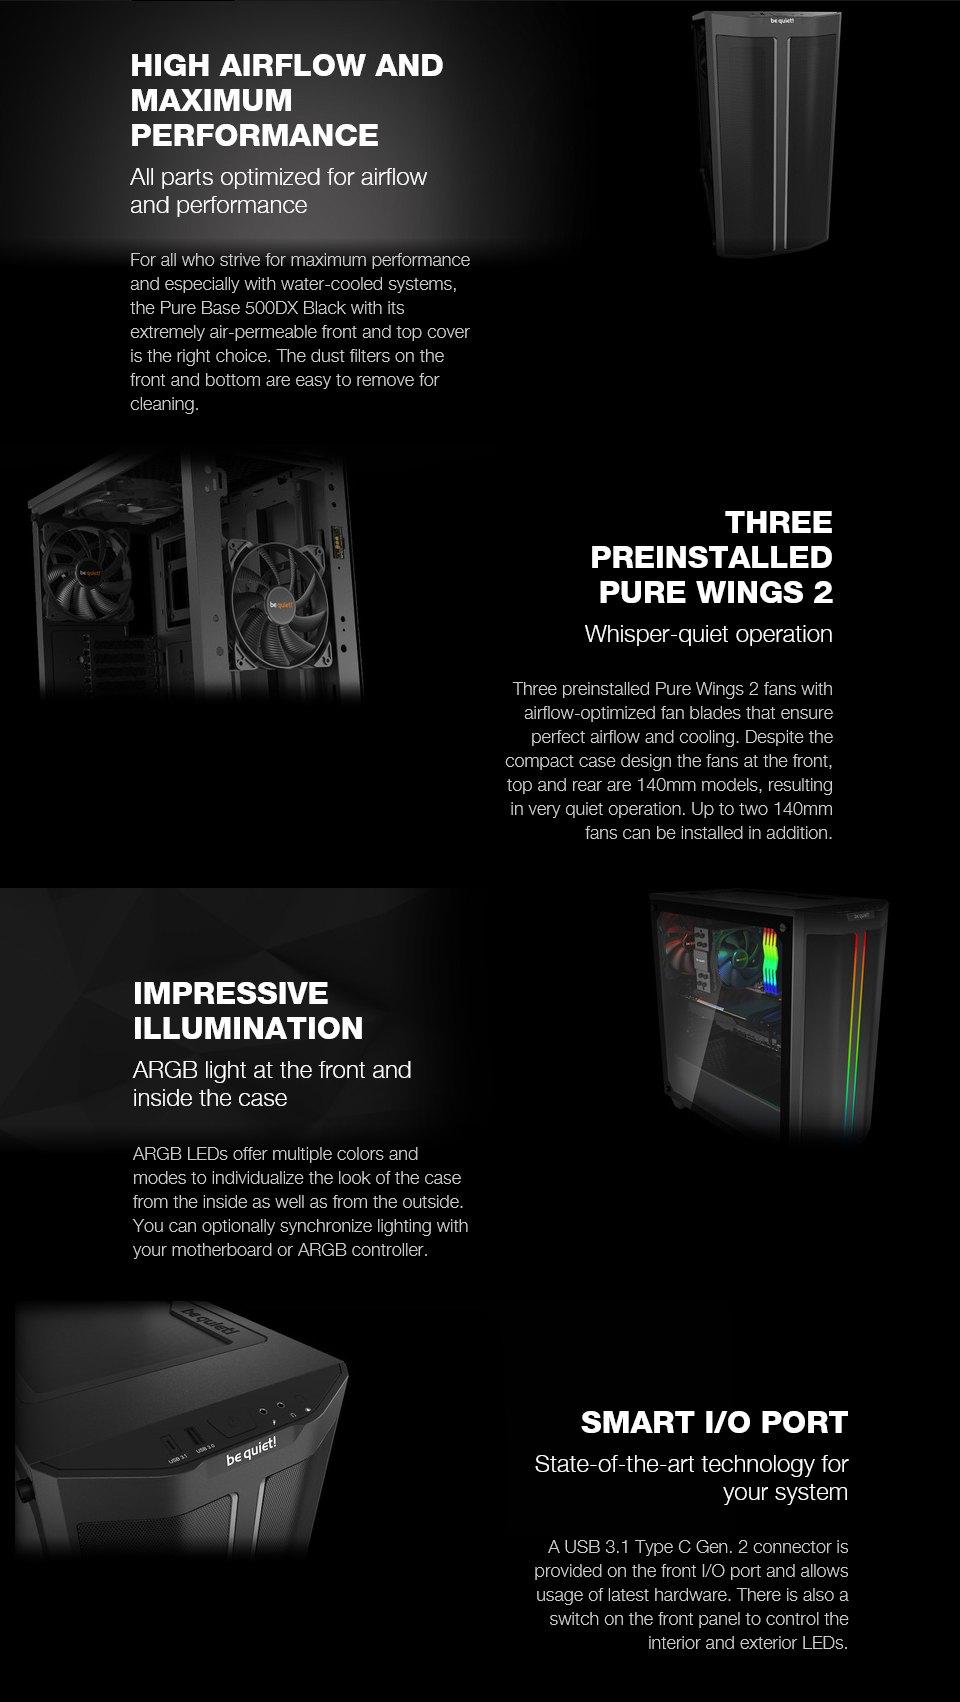 מארז be quiet! Pure Base 500DX RGB Black